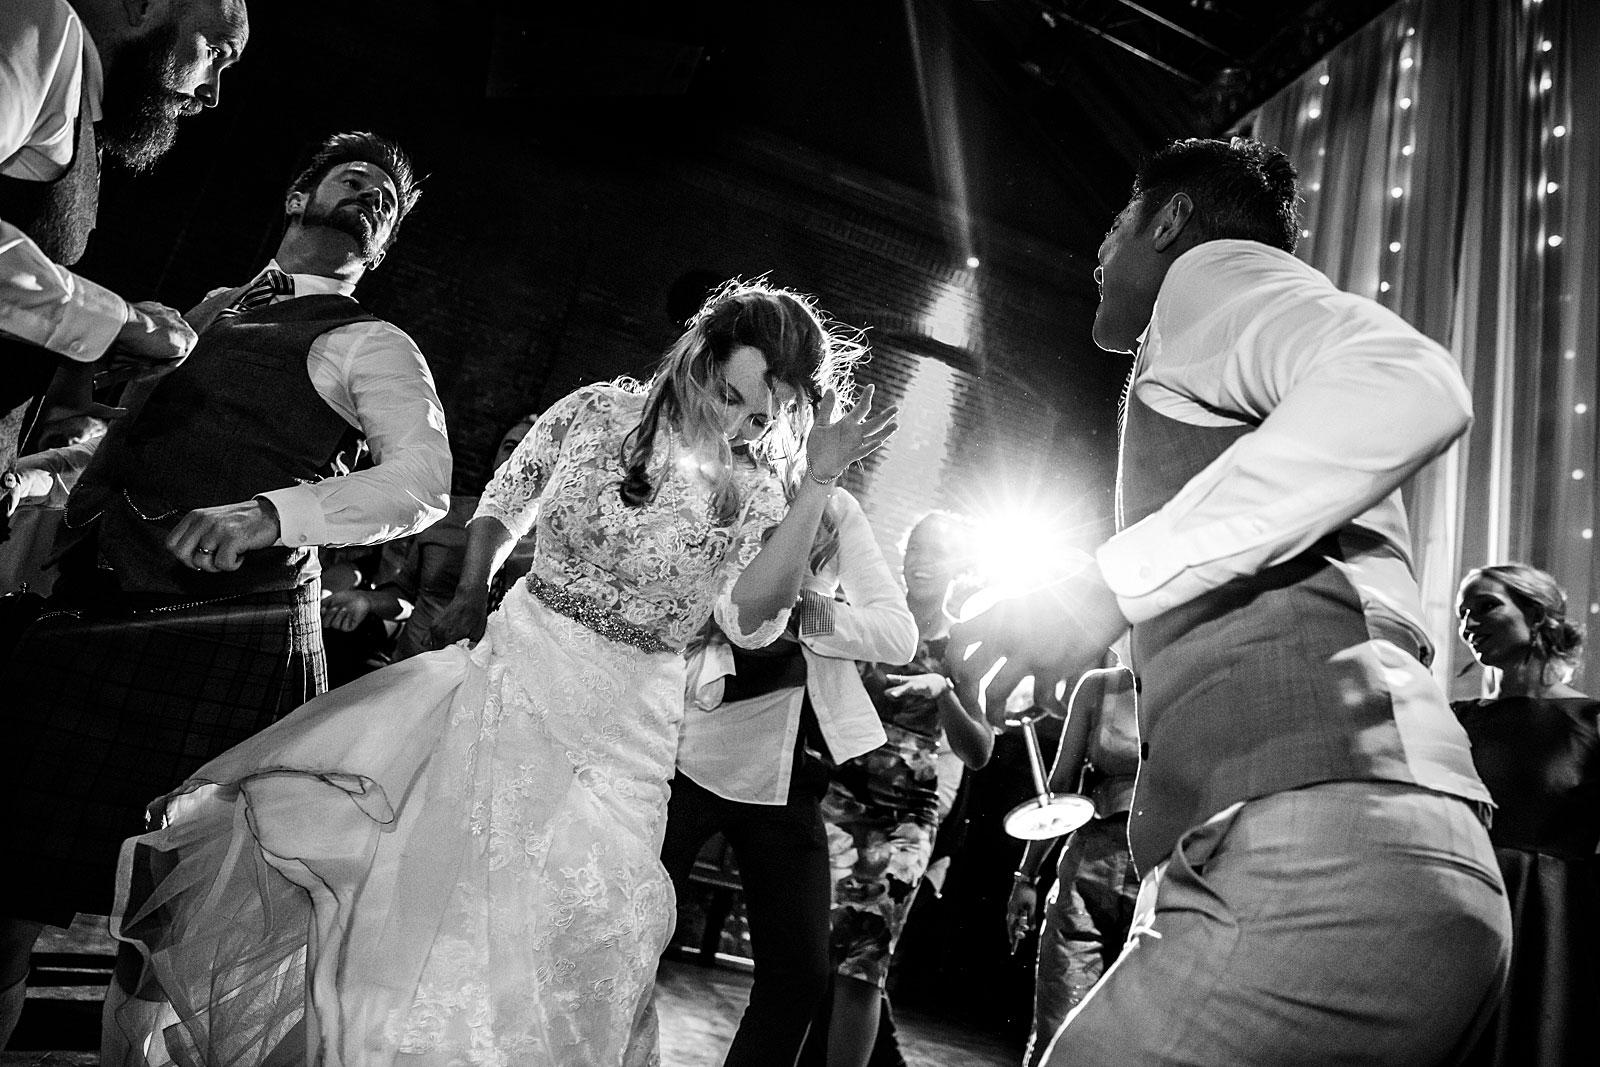 65-wedding-party-westerliefde-amsterdam